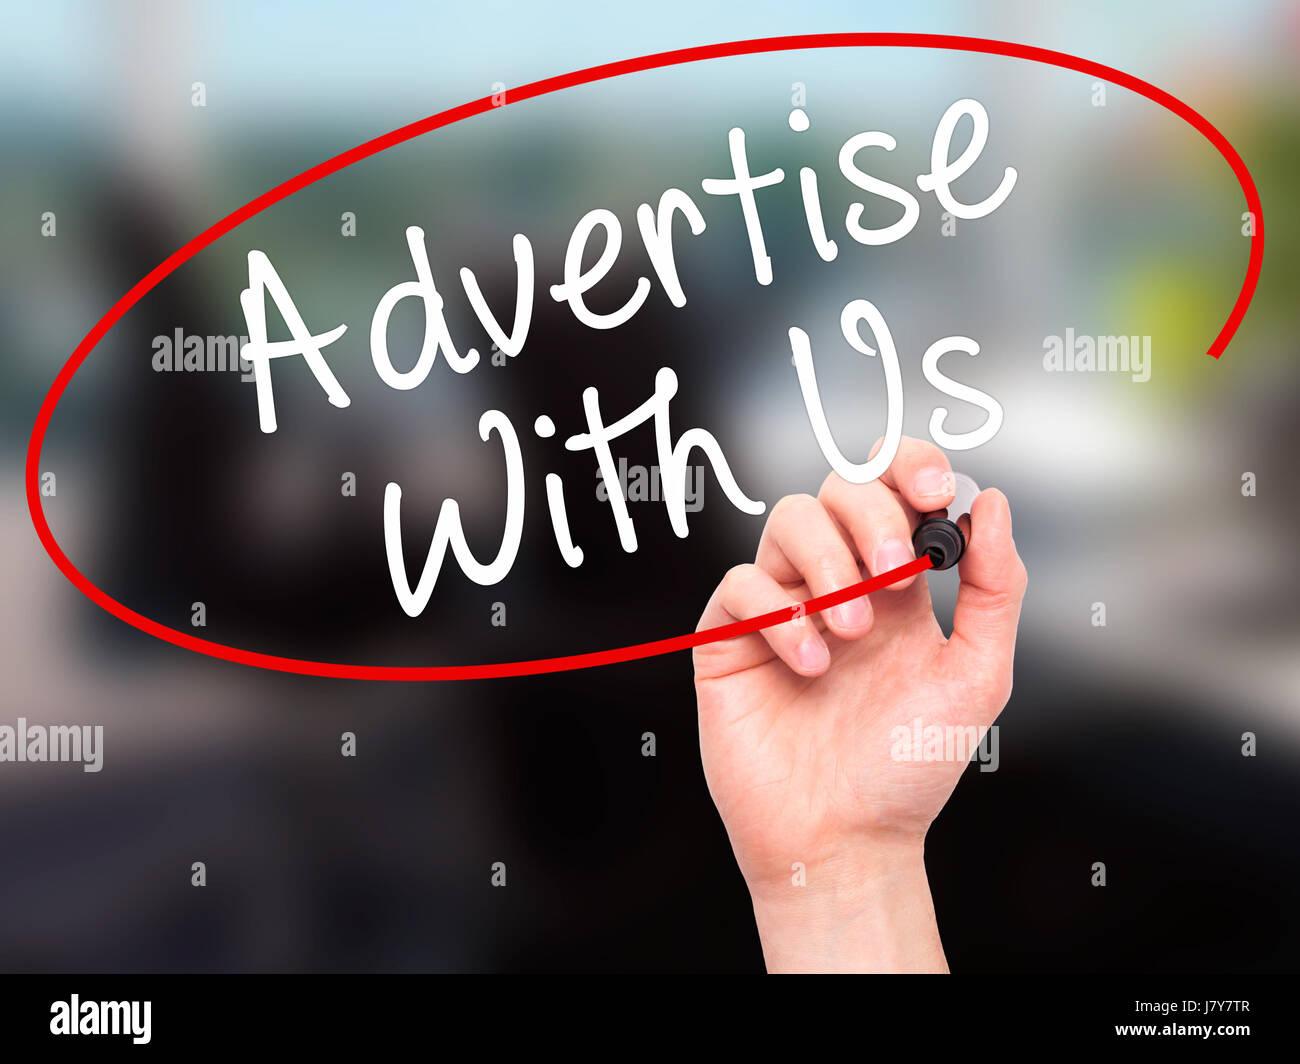 Как рекламировать маркер adwords test google